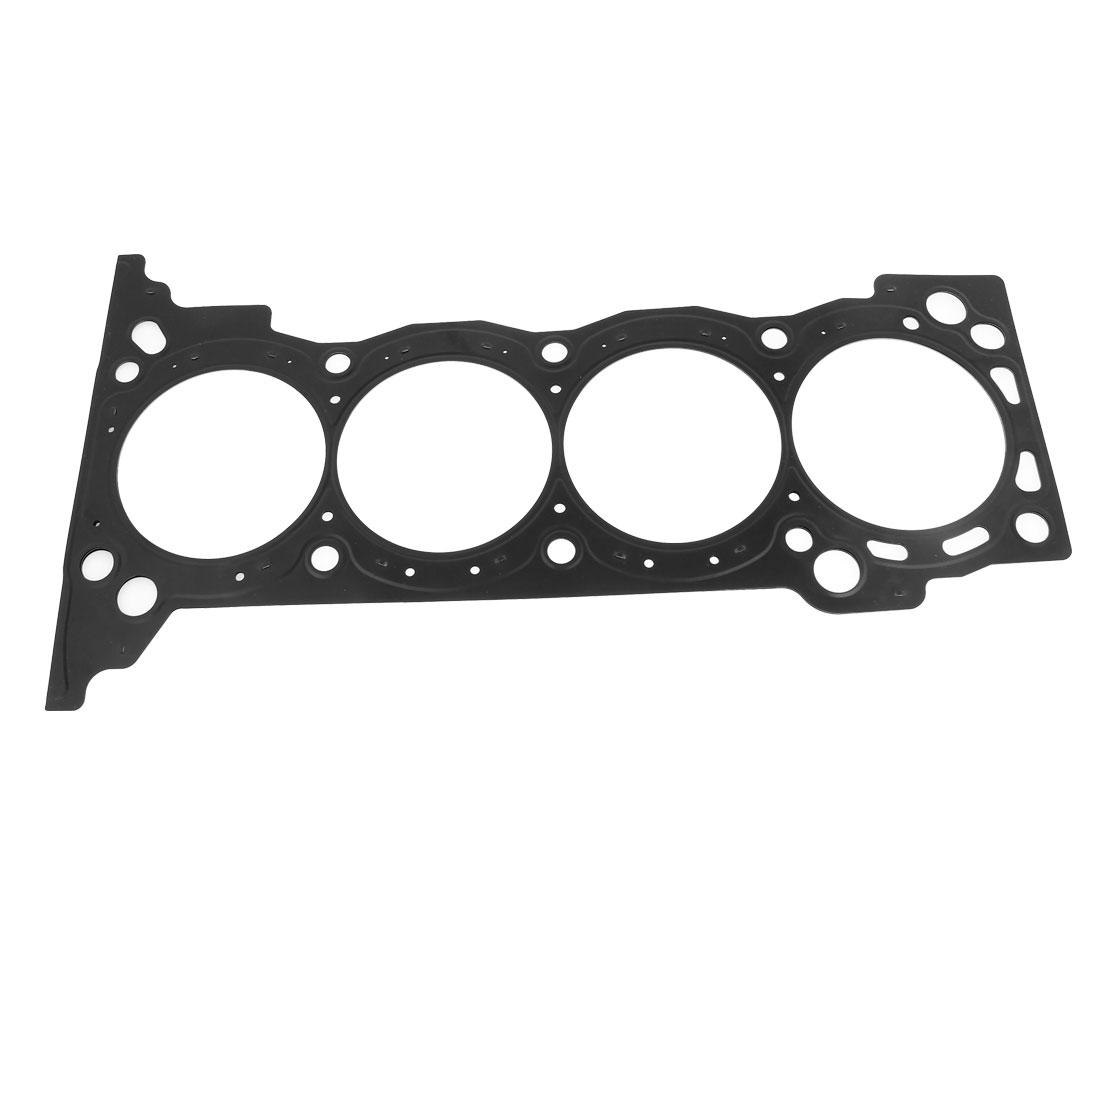 Vehicle Car Engine Black Metal Cylinder Head Gasket Assembly 11115-75050